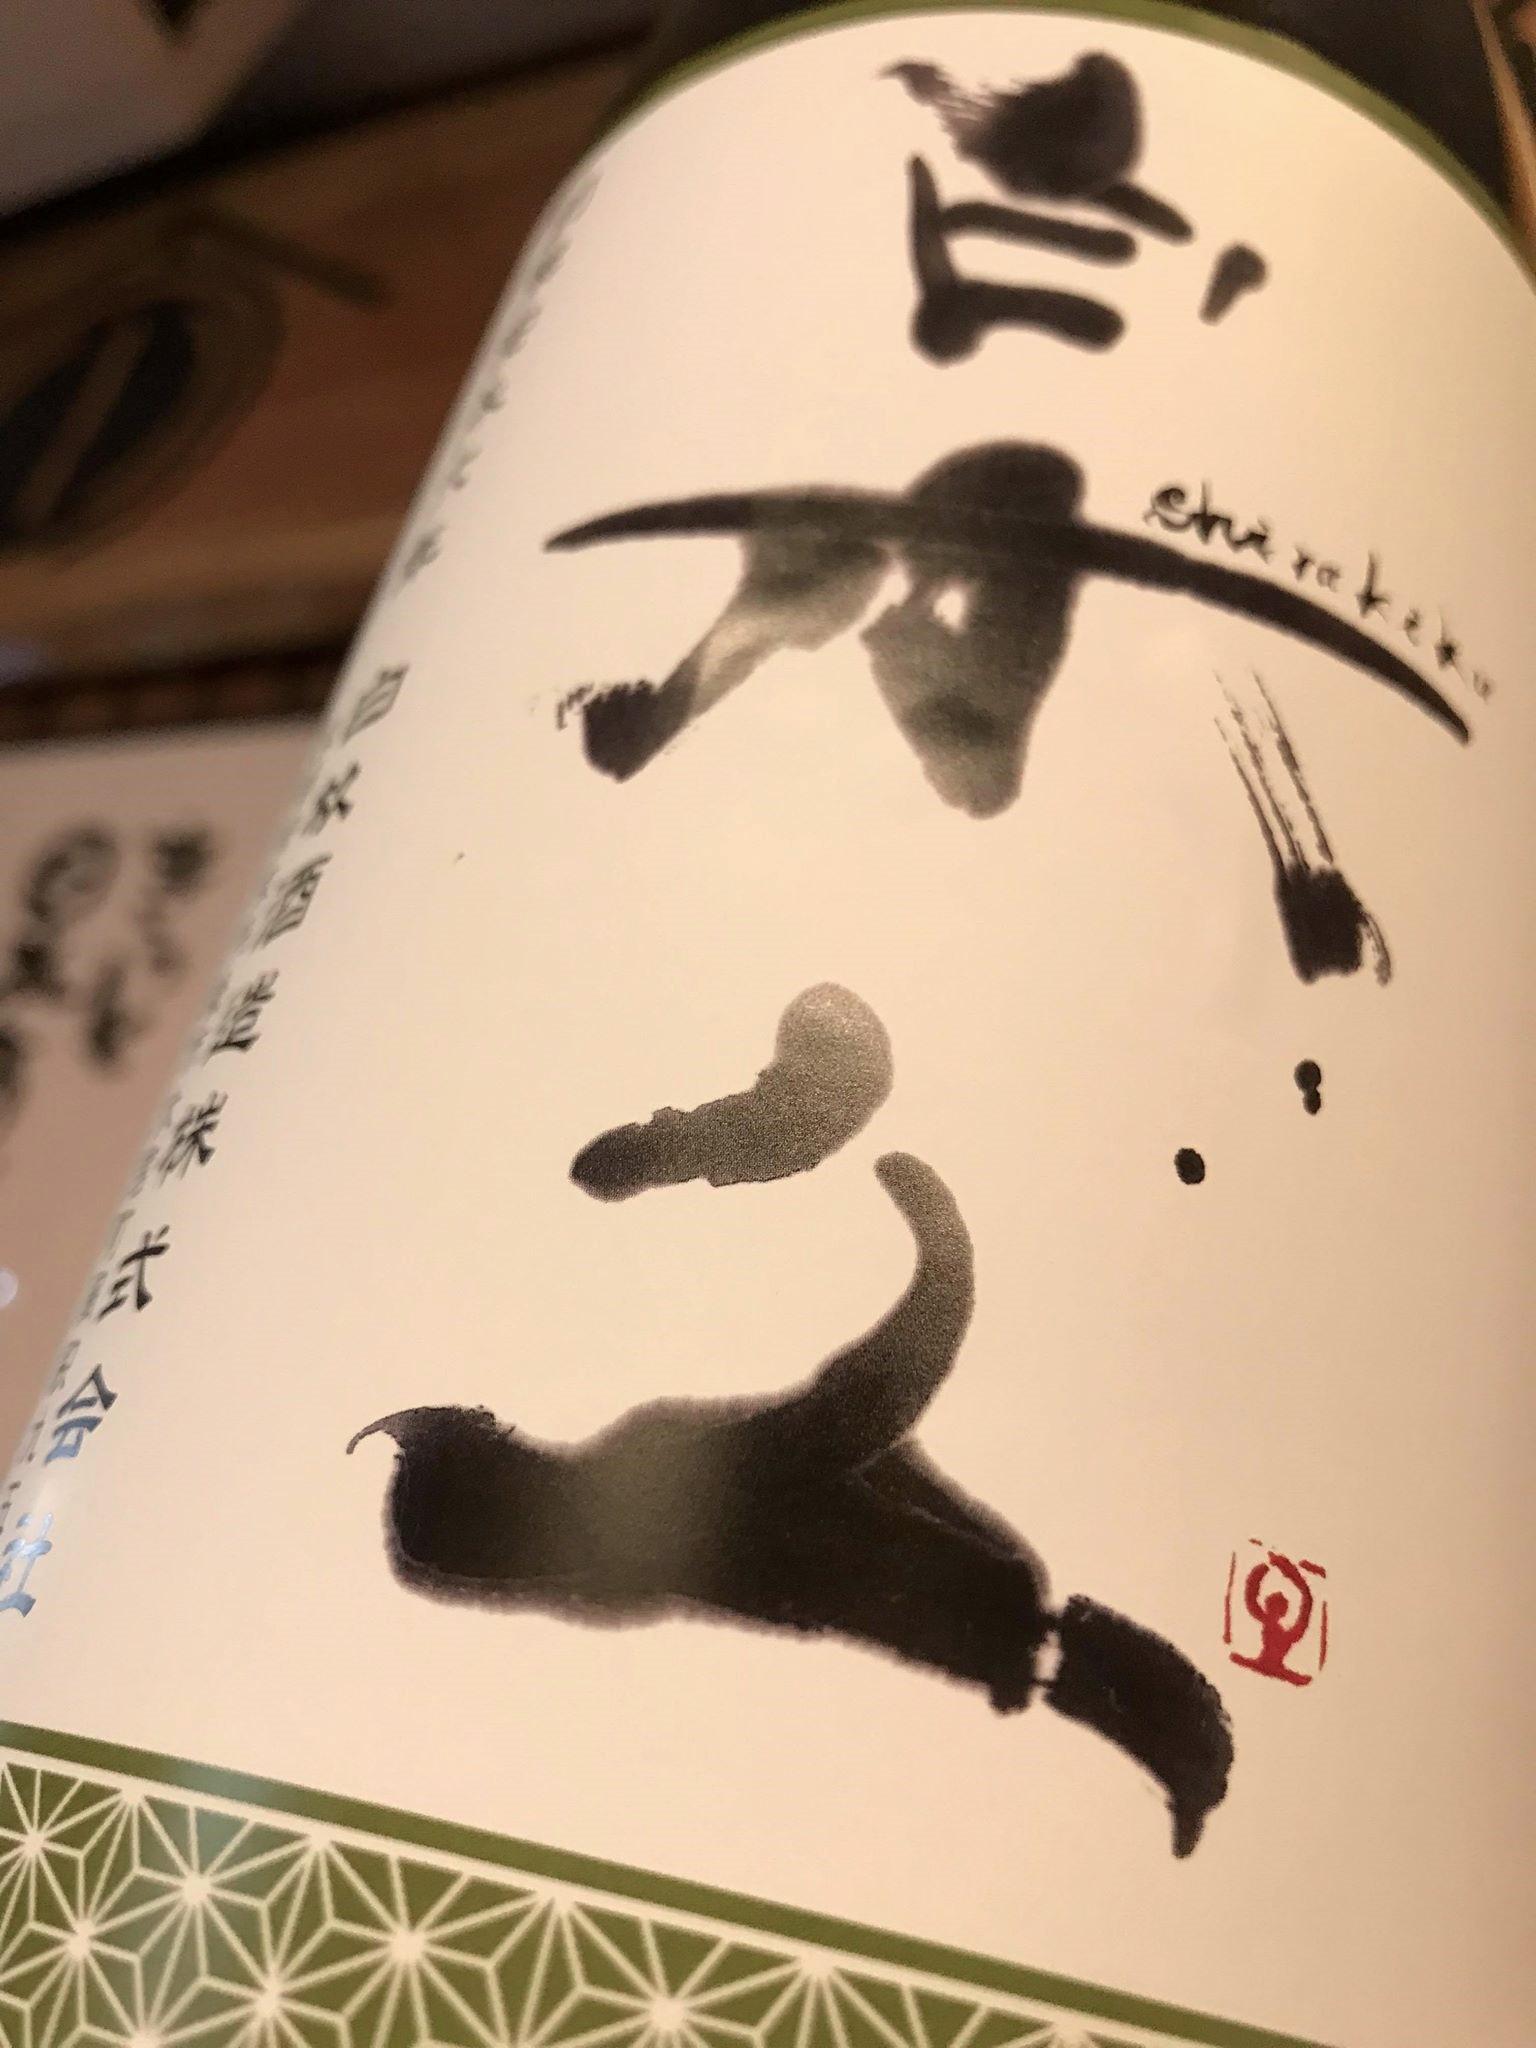 【日本酒】白木久 BASARA 瓶囲い 純米生詰原酒 限定 29BY_e0173738_183626.jpg